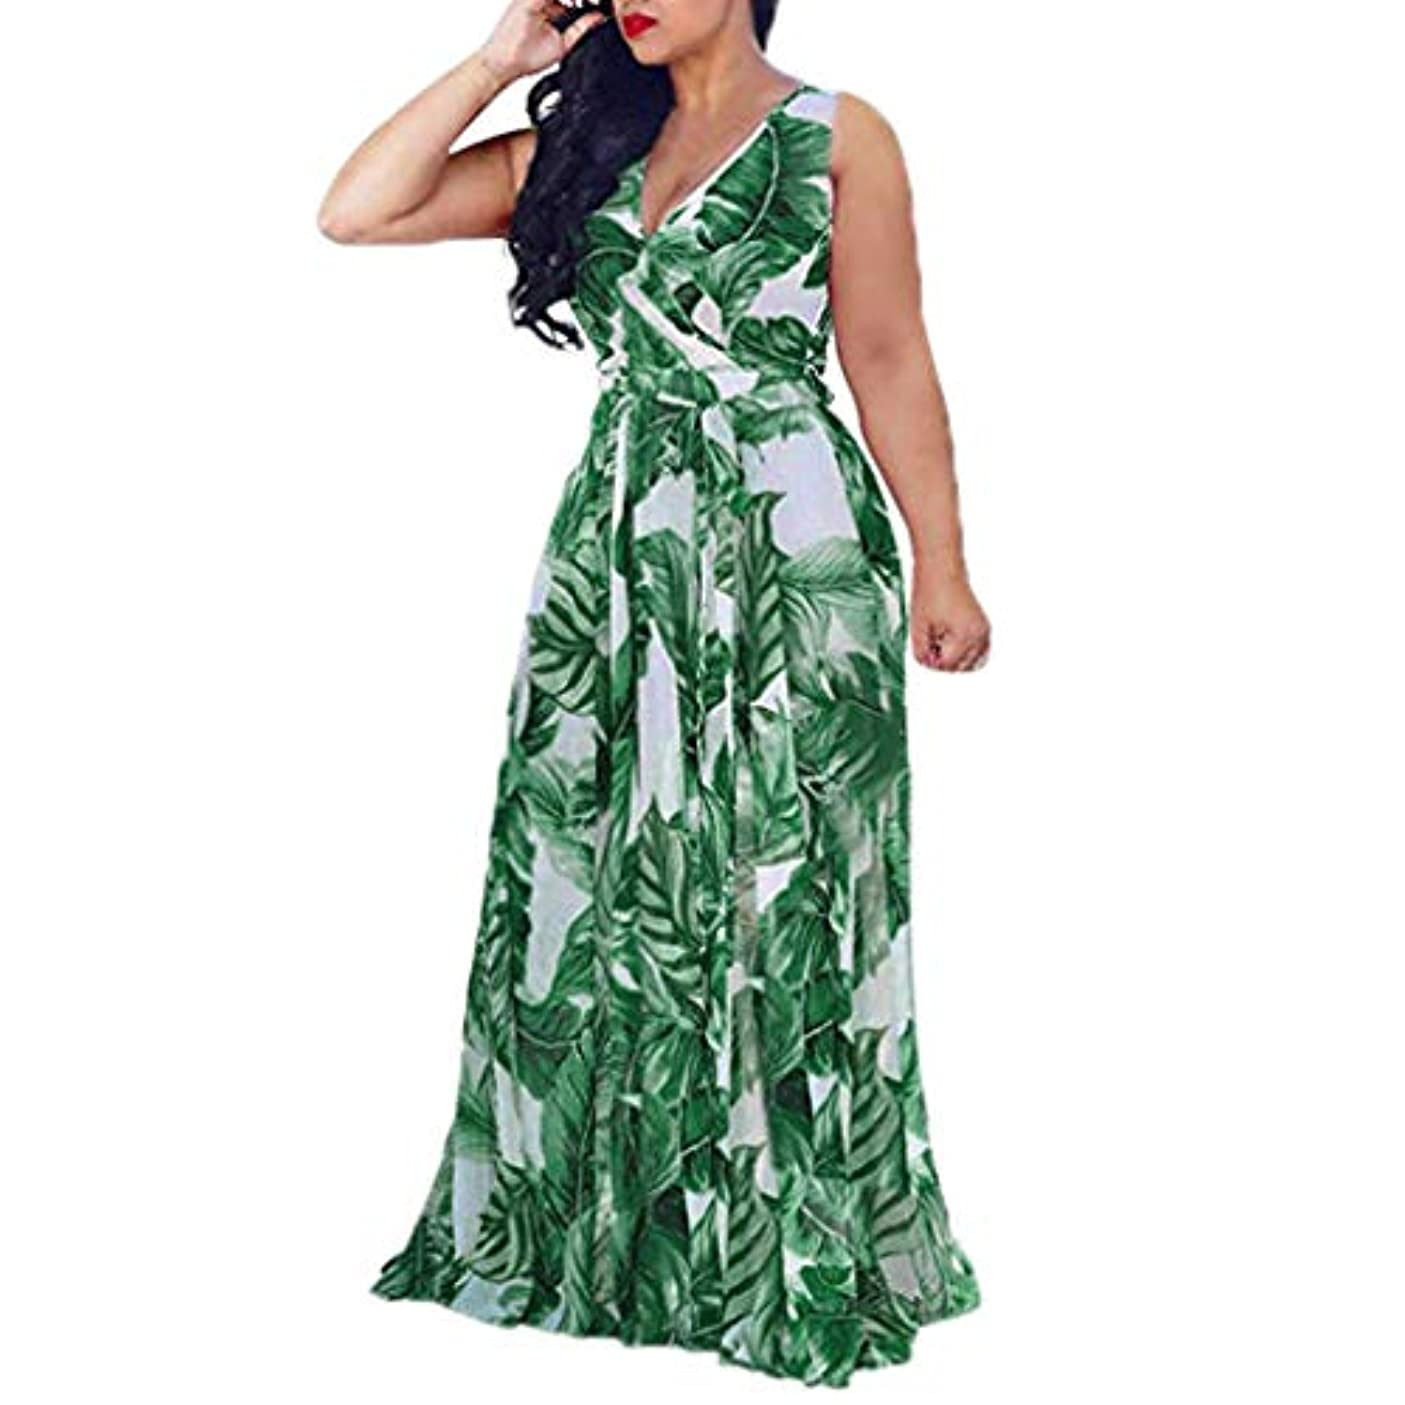 力学趣味車SakuraBest Womens Sleeveless Stylish Chiffon Dress With Belt V-Neck Printed Floral Maxi Dress